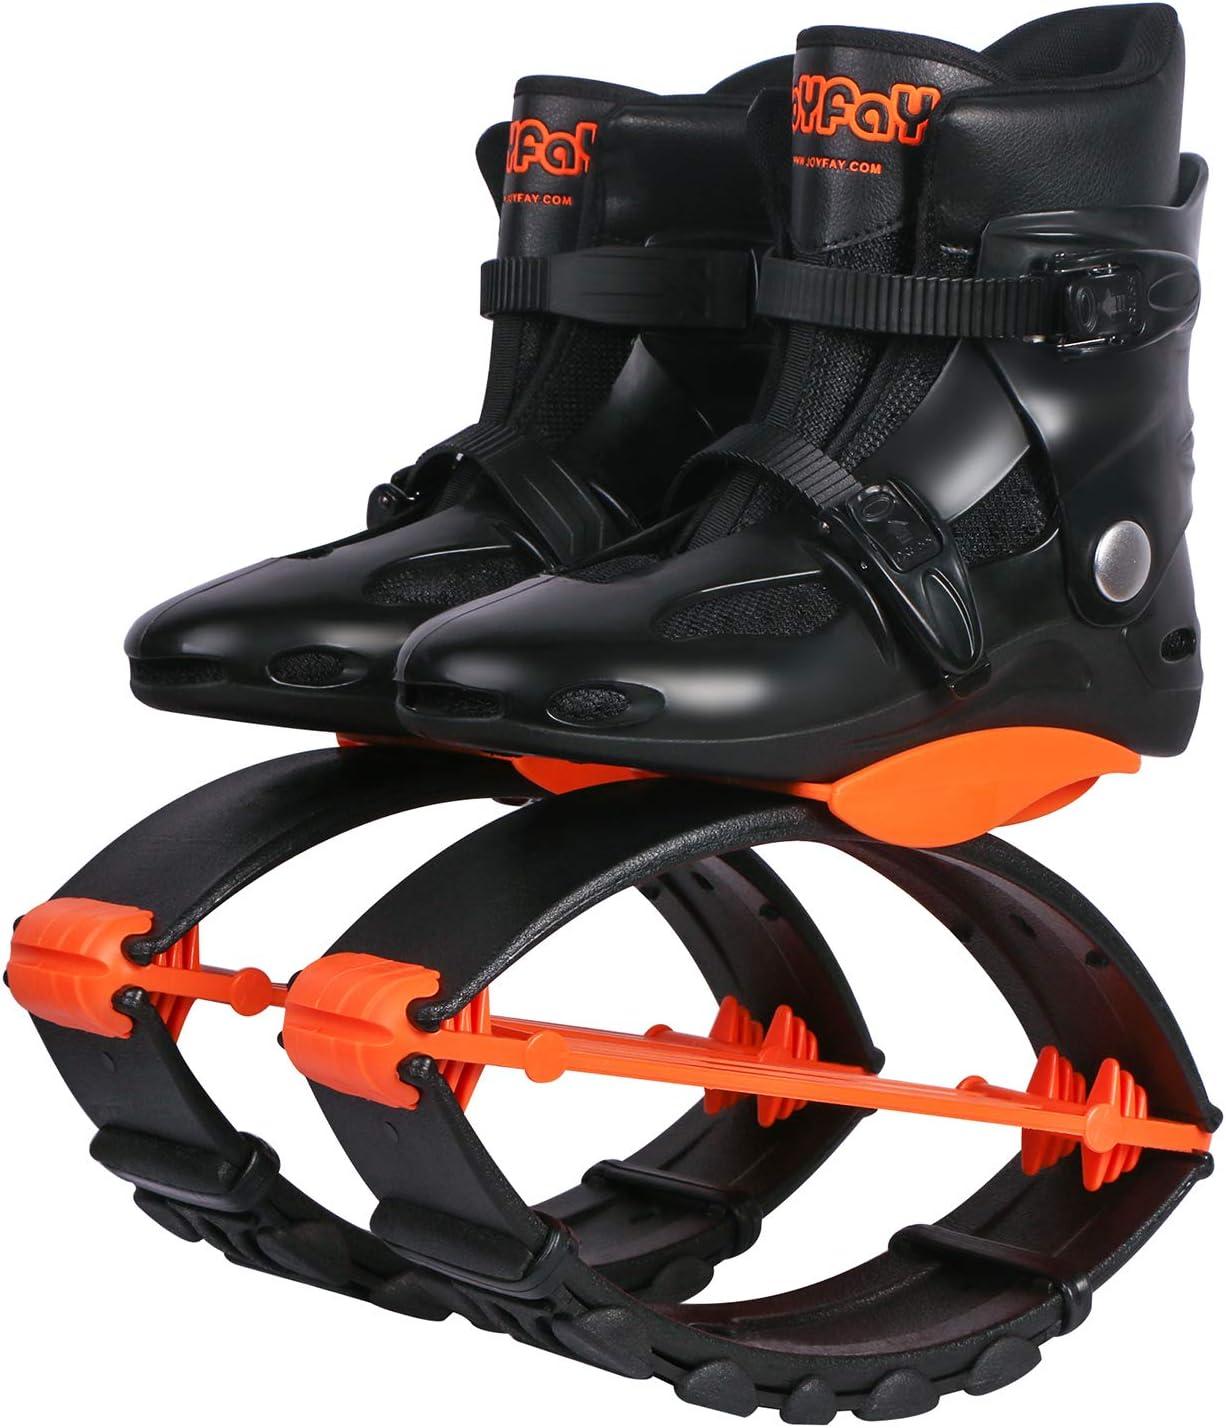 専門店 Joyfay Jump Shoes for Fitness and Comfortable Workout 限定価格セール Styl –